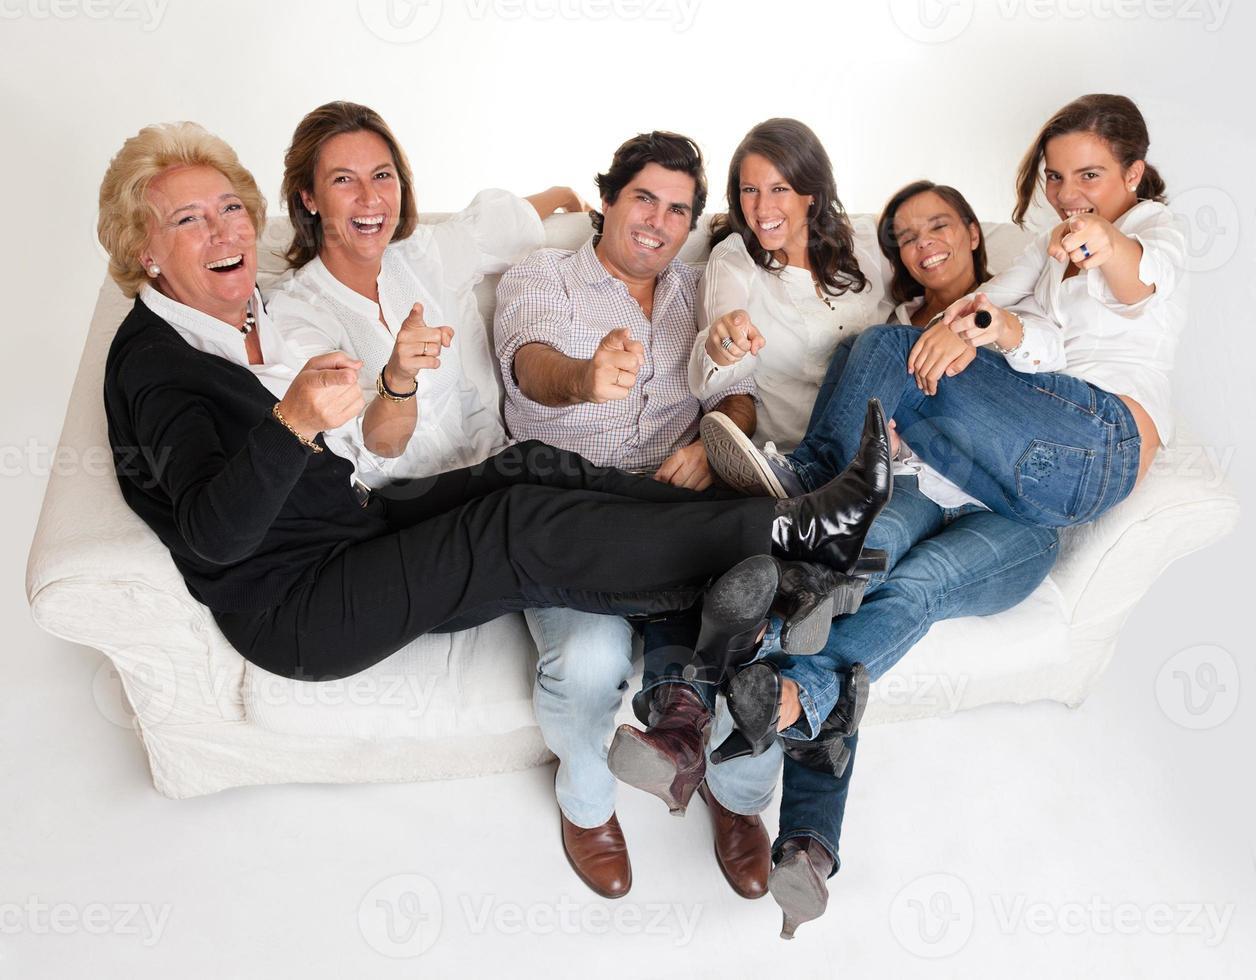 lachende Familie foto